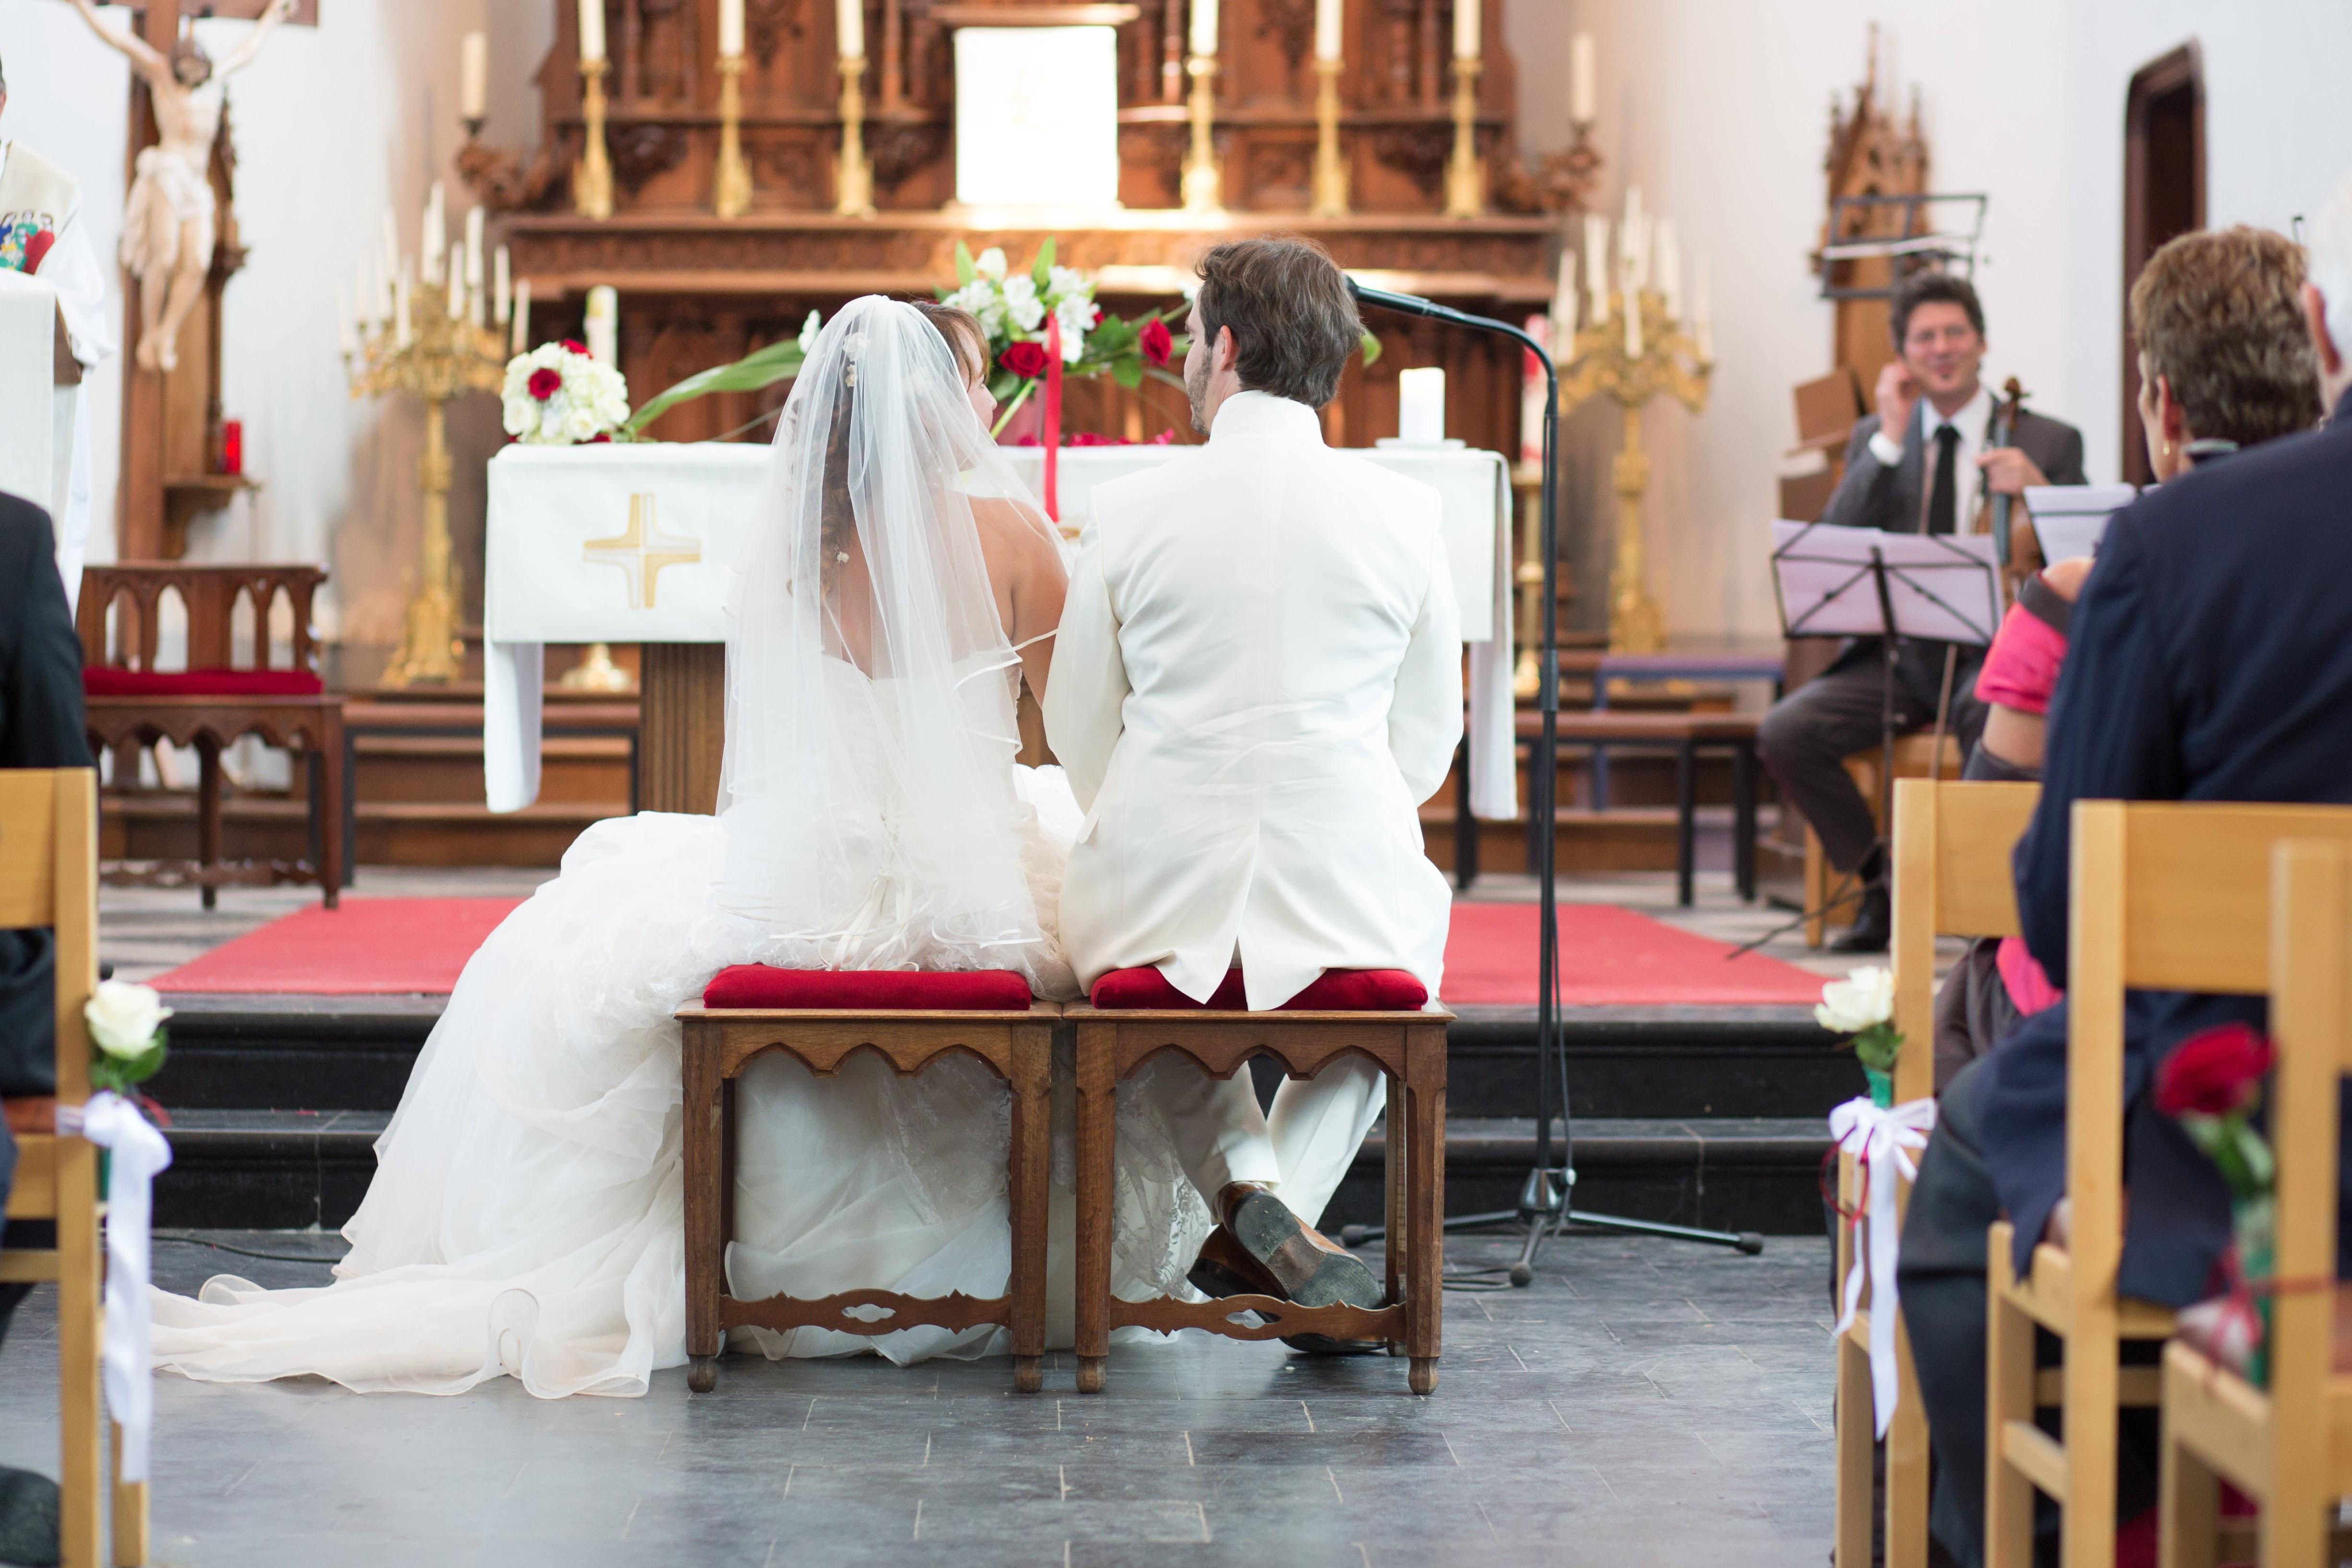 Le mariage féérique geek de FéeLyne, à petit budget !